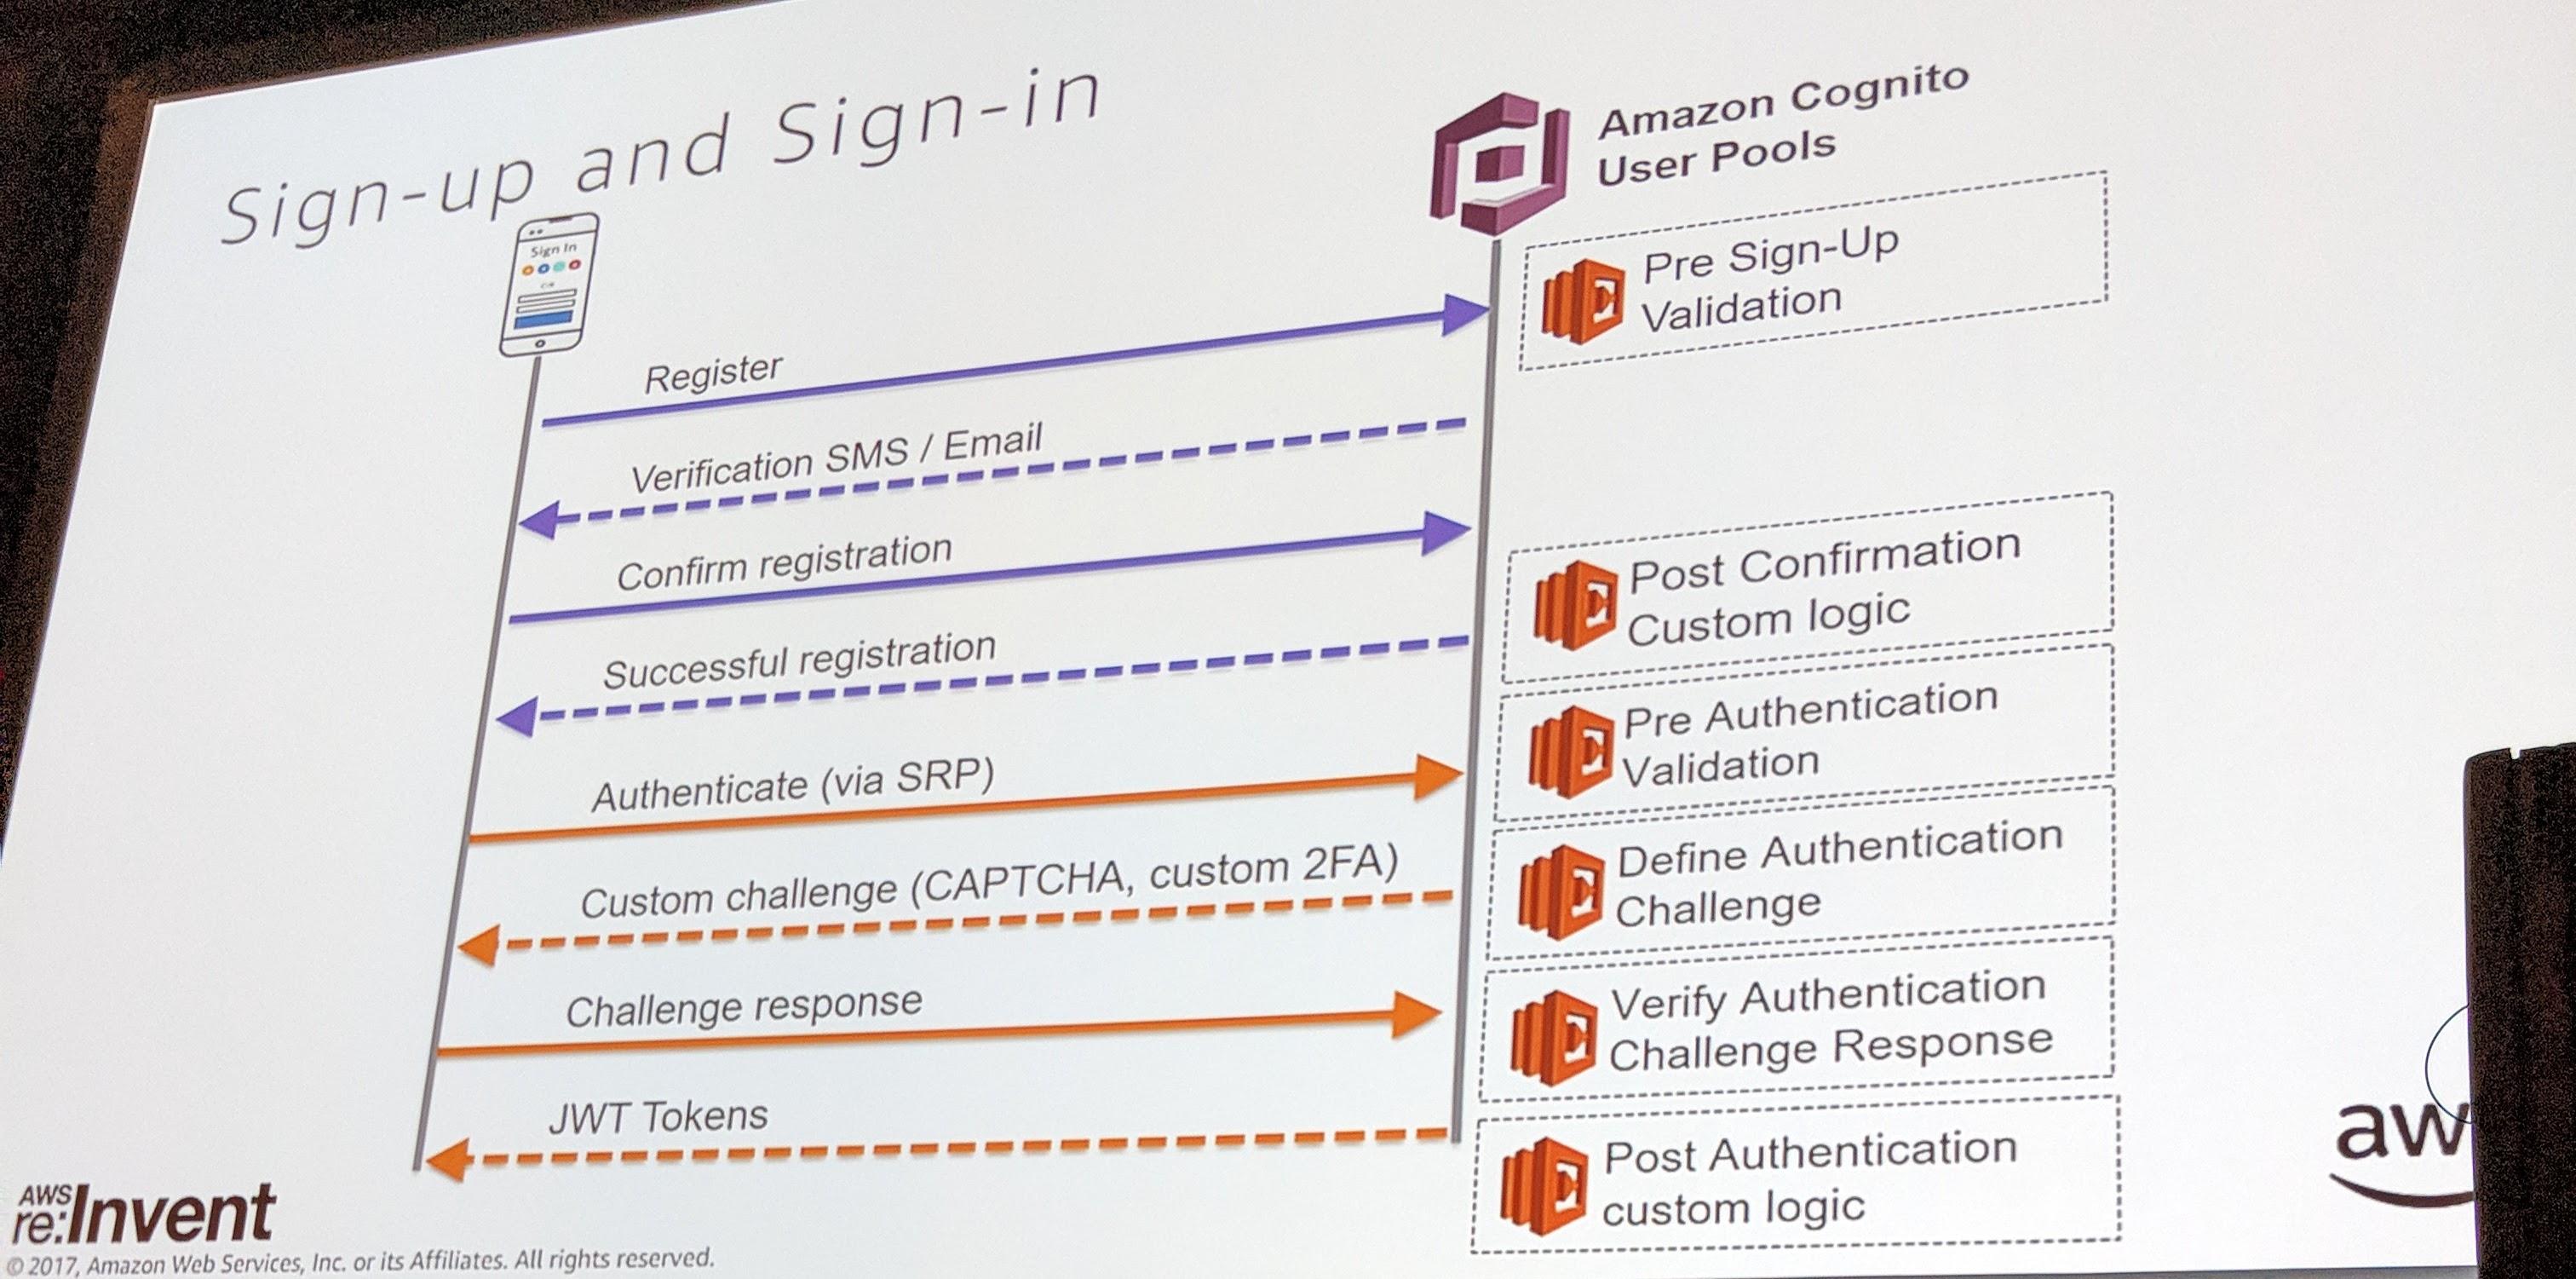 AWS Cognito Process